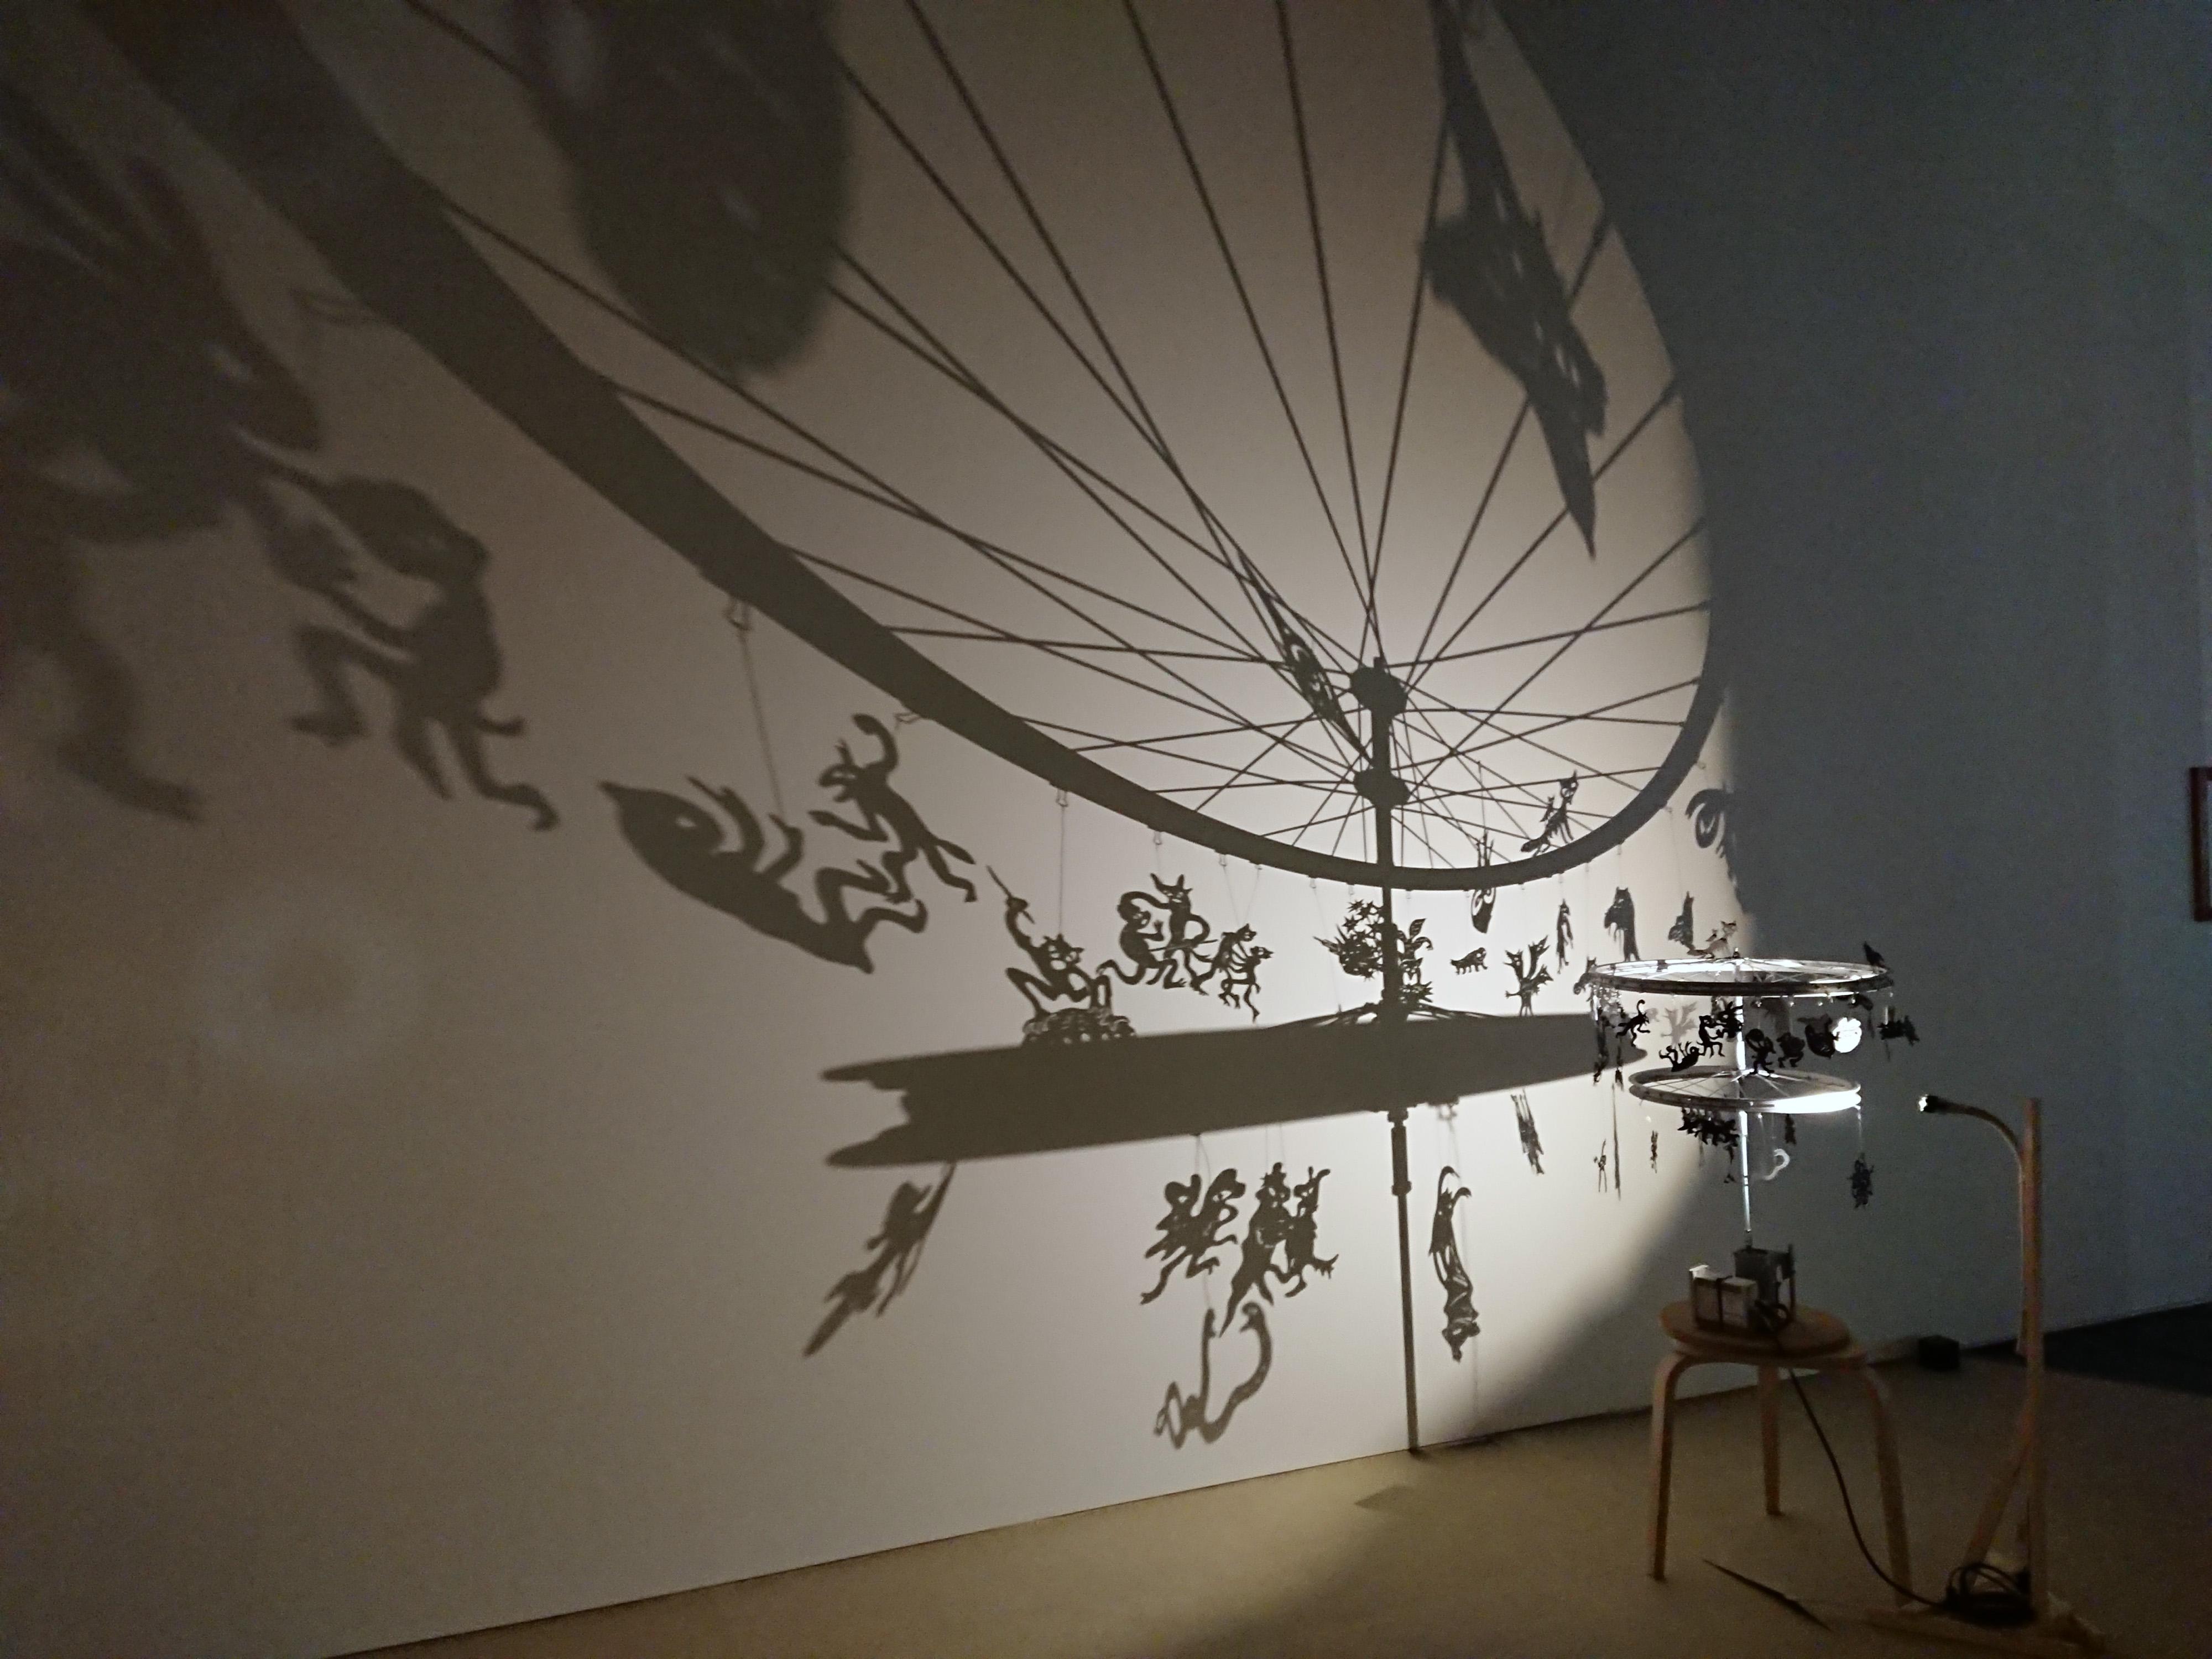 鴻池朋子: 影絵灯篭|鴻池朋子 ちゅうがえり : クラシック音楽とアート